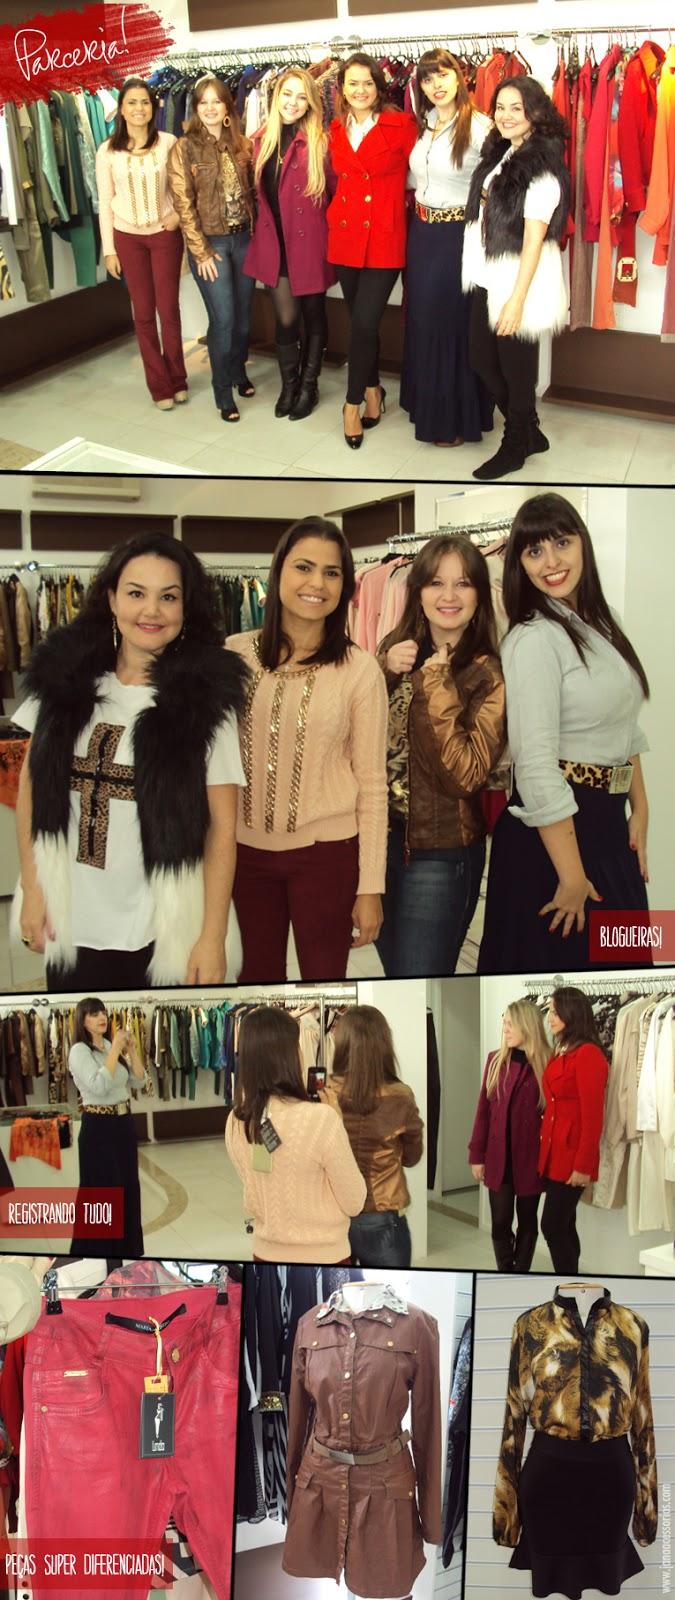 Loja Linda, Sob nova direção, Joinville, fashion, roupas femininas, bom gosto, requinte, sofisticação